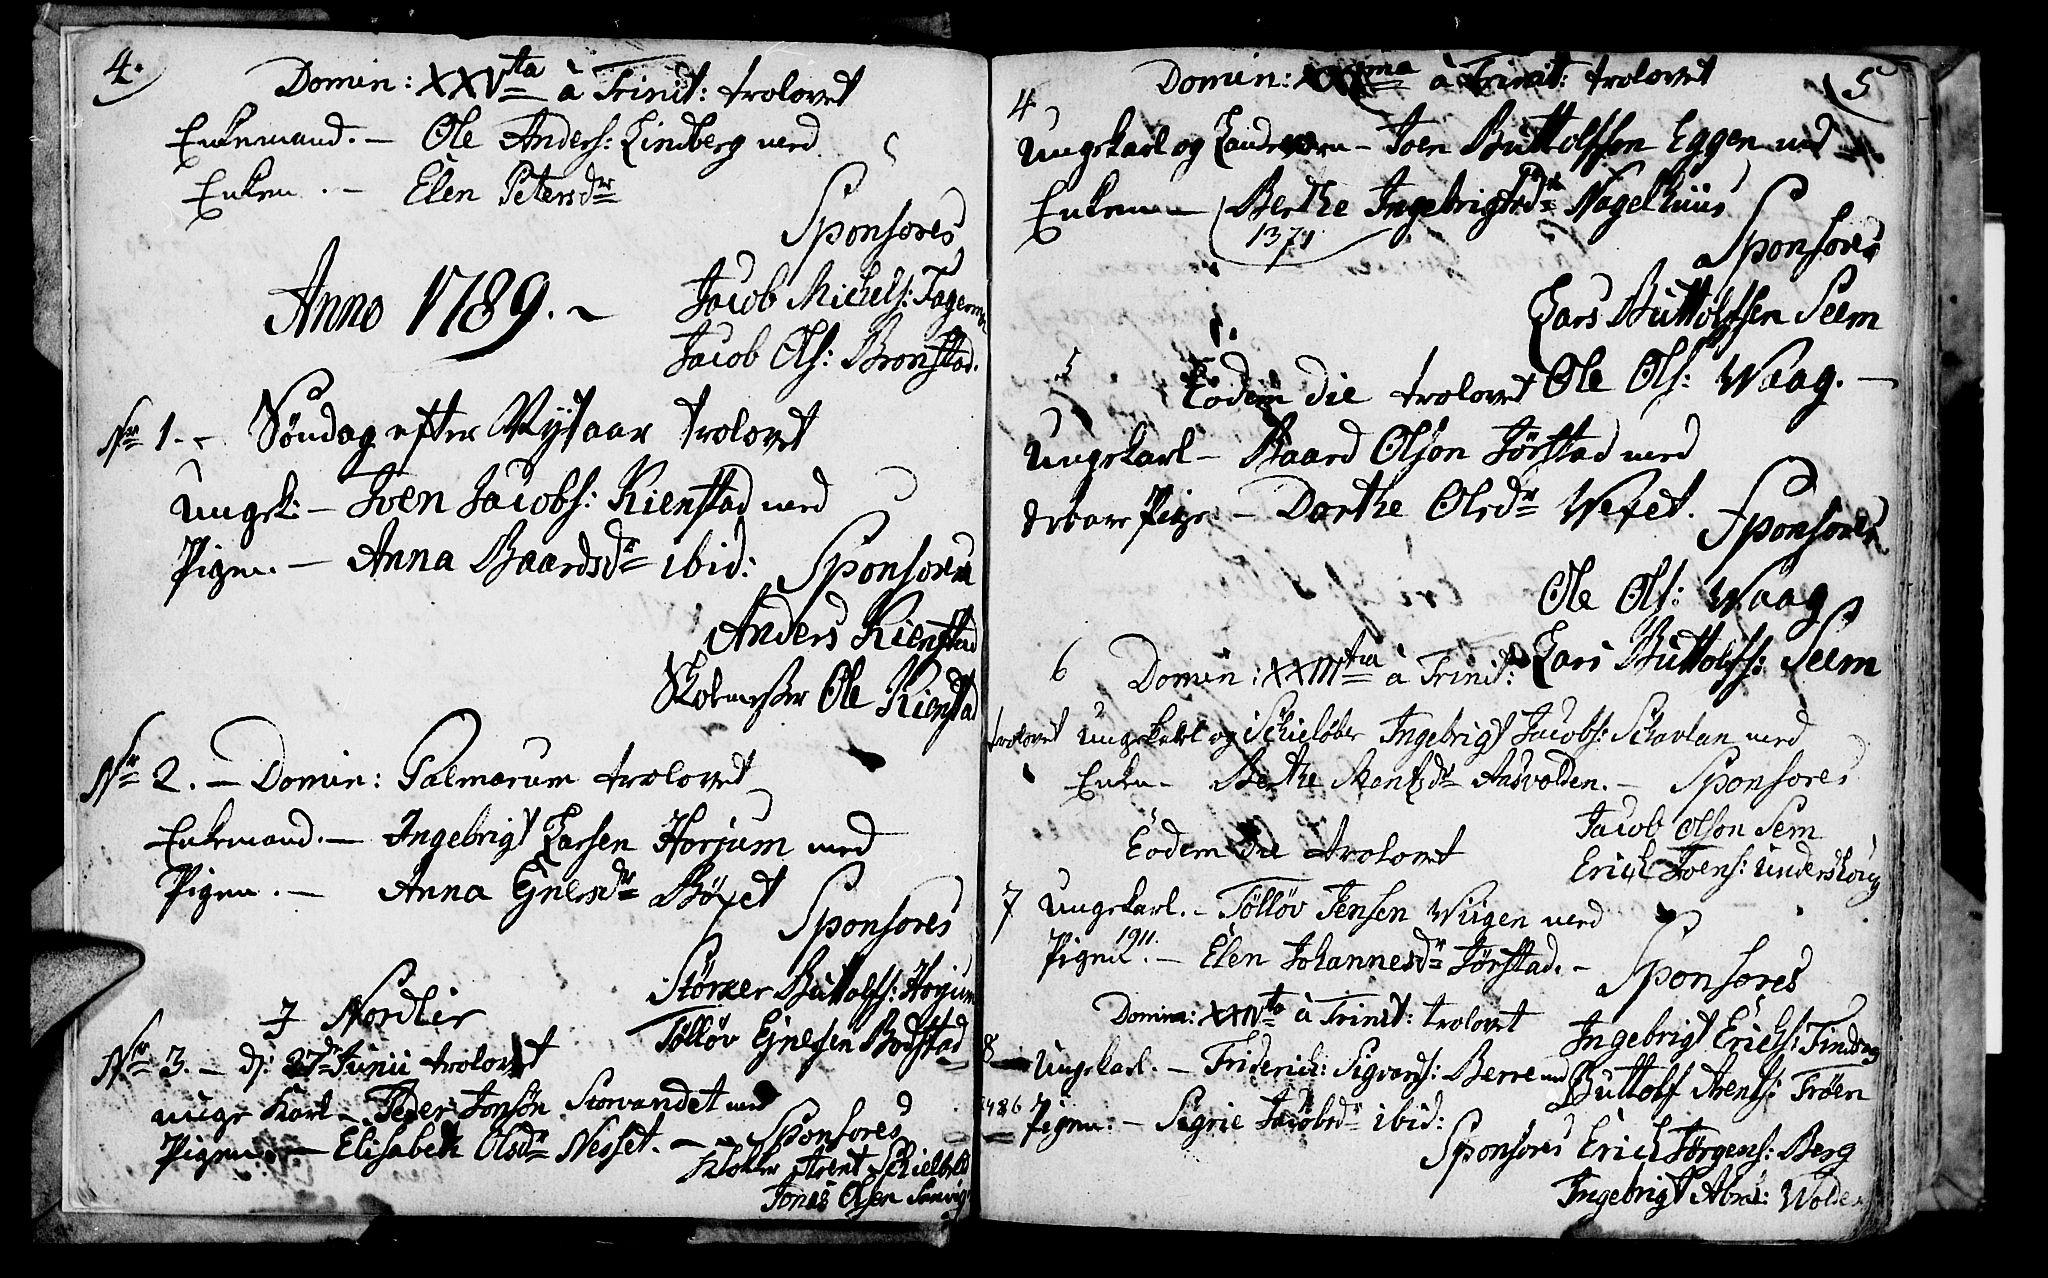 SAT, Ministerialprotokoller, klokkerbøker og fødselsregistre - Nord-Trøndelag, 749/L0468: Ministerialbok nr. 749A02, 1787-1817, s. 4-5